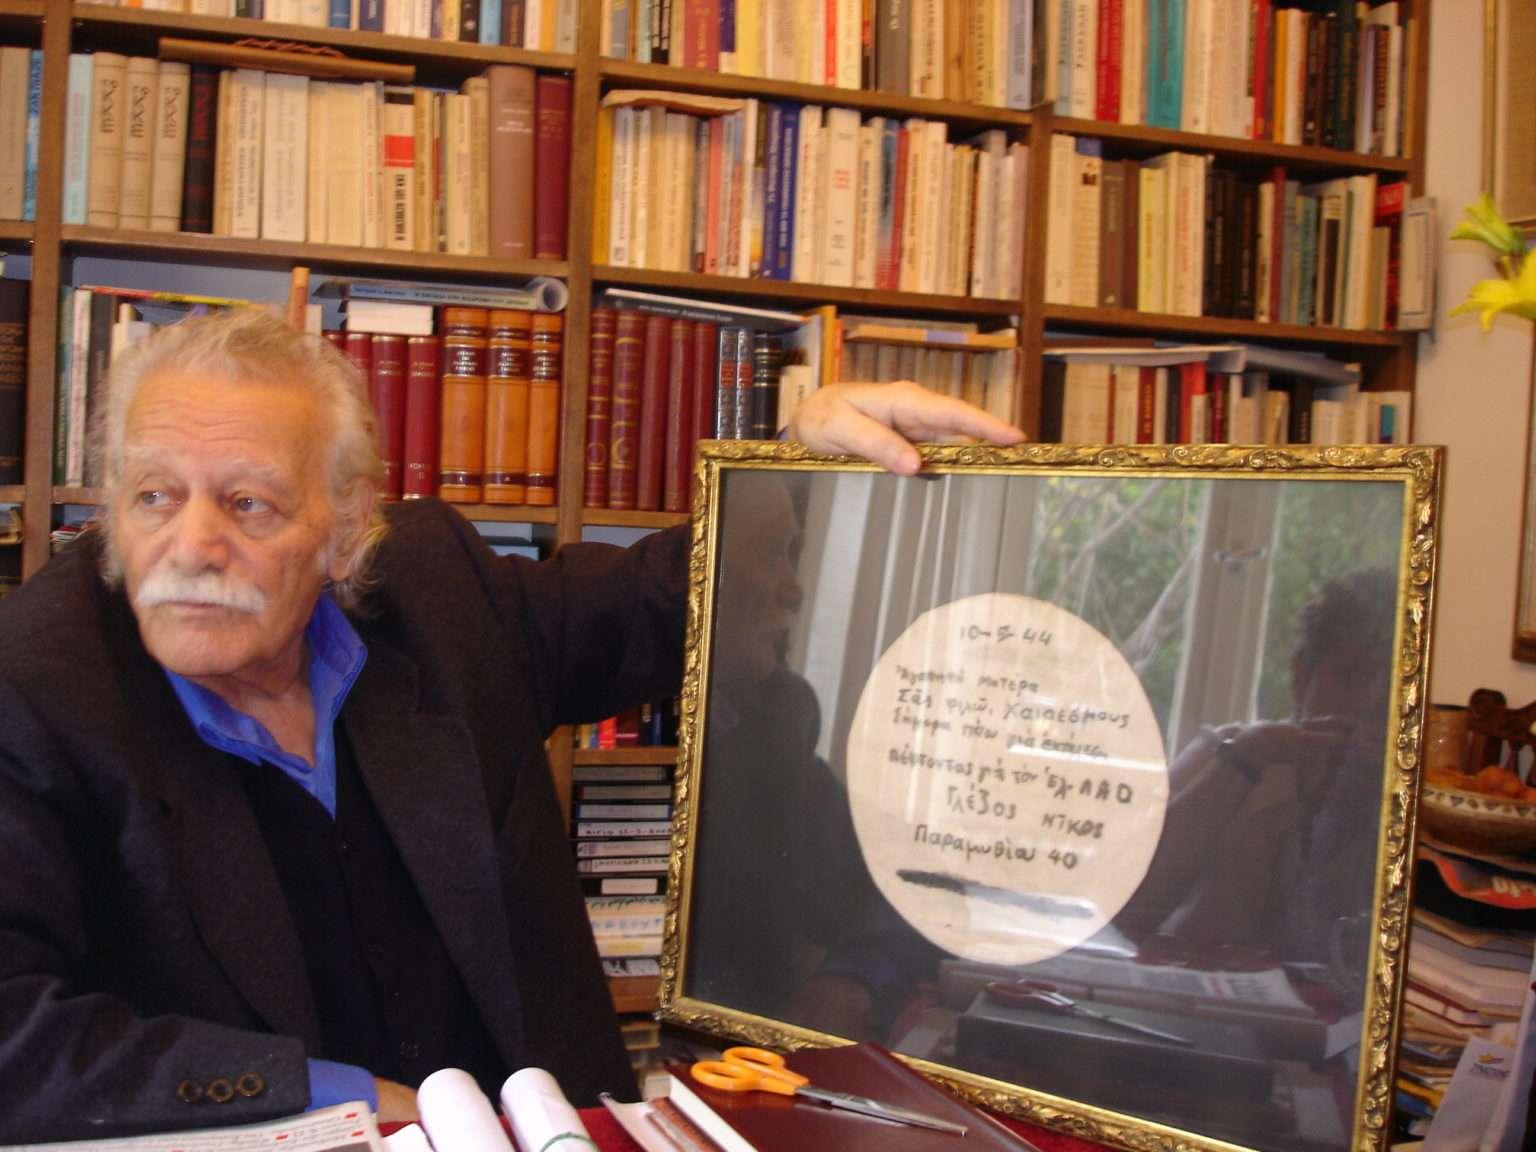 Ο Μανώλης Γλέζος με κορνιζαρισμένο το σημείωμα του εκτελεσμένου από τους Ναζί αδελφού του Νίκου, που έστειλε στην μητέρα τους (Αρχείο Δαμιανού Βασιλειάδη).